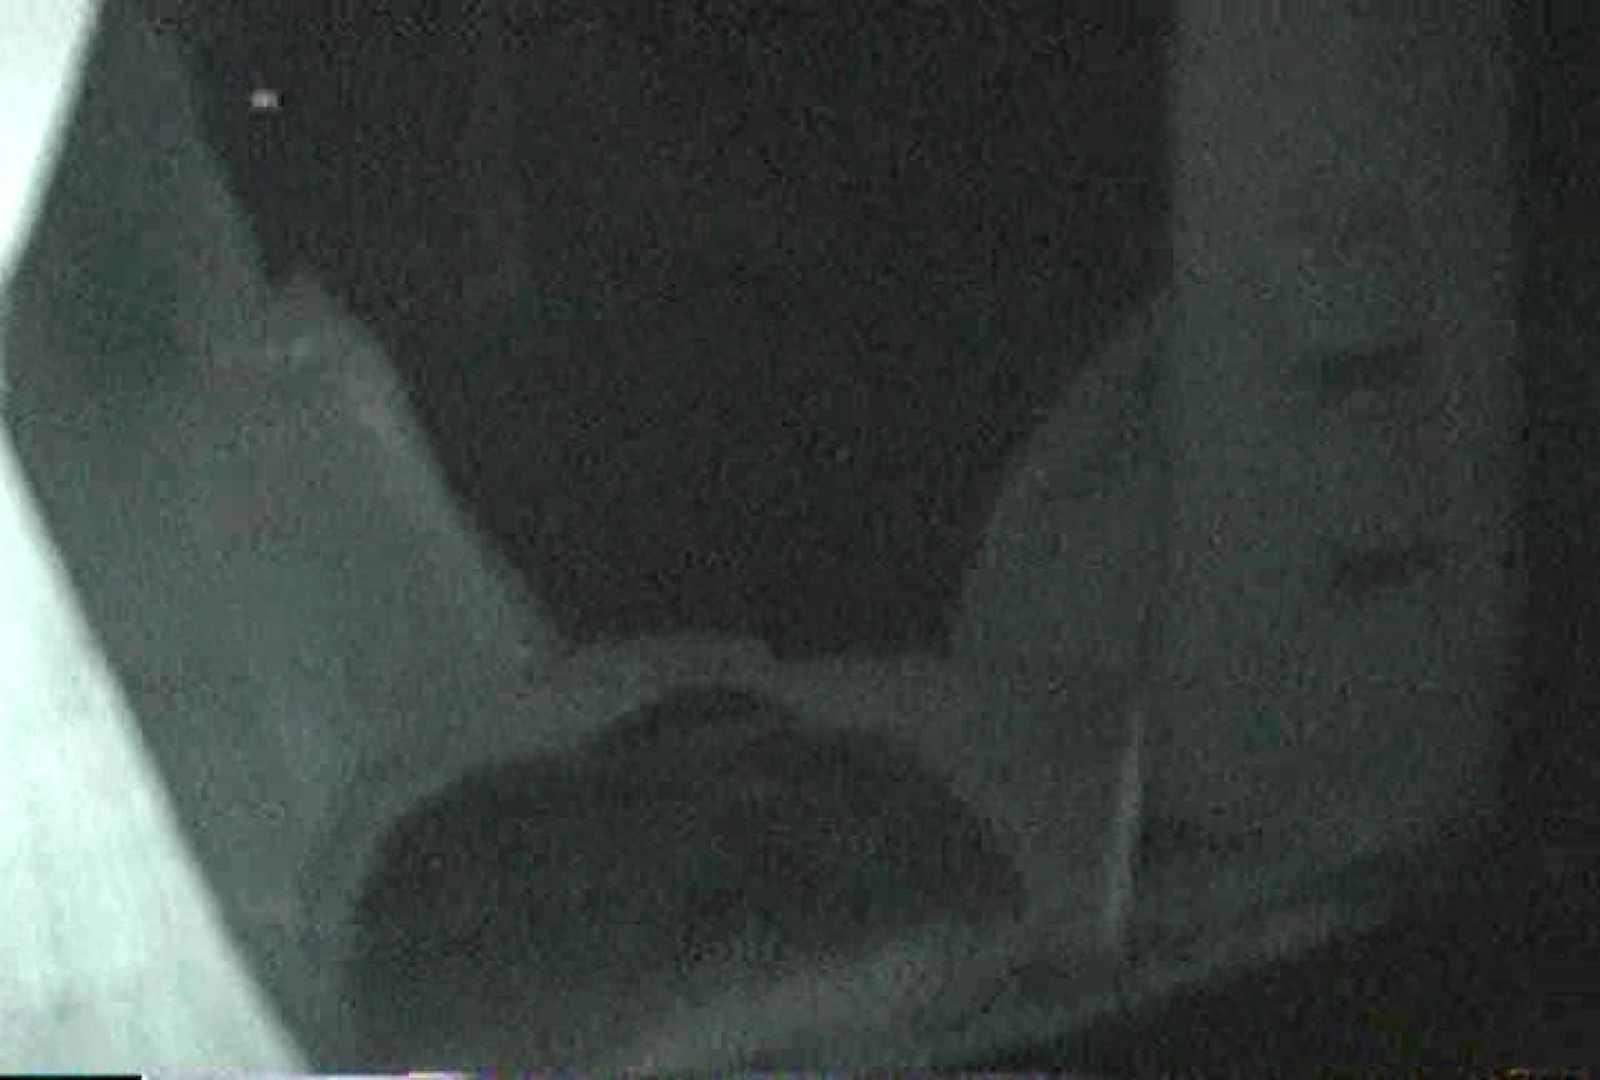 充血監督の深夜の運動会Vol.112 濃厚セックス AV無料 83PICs 59